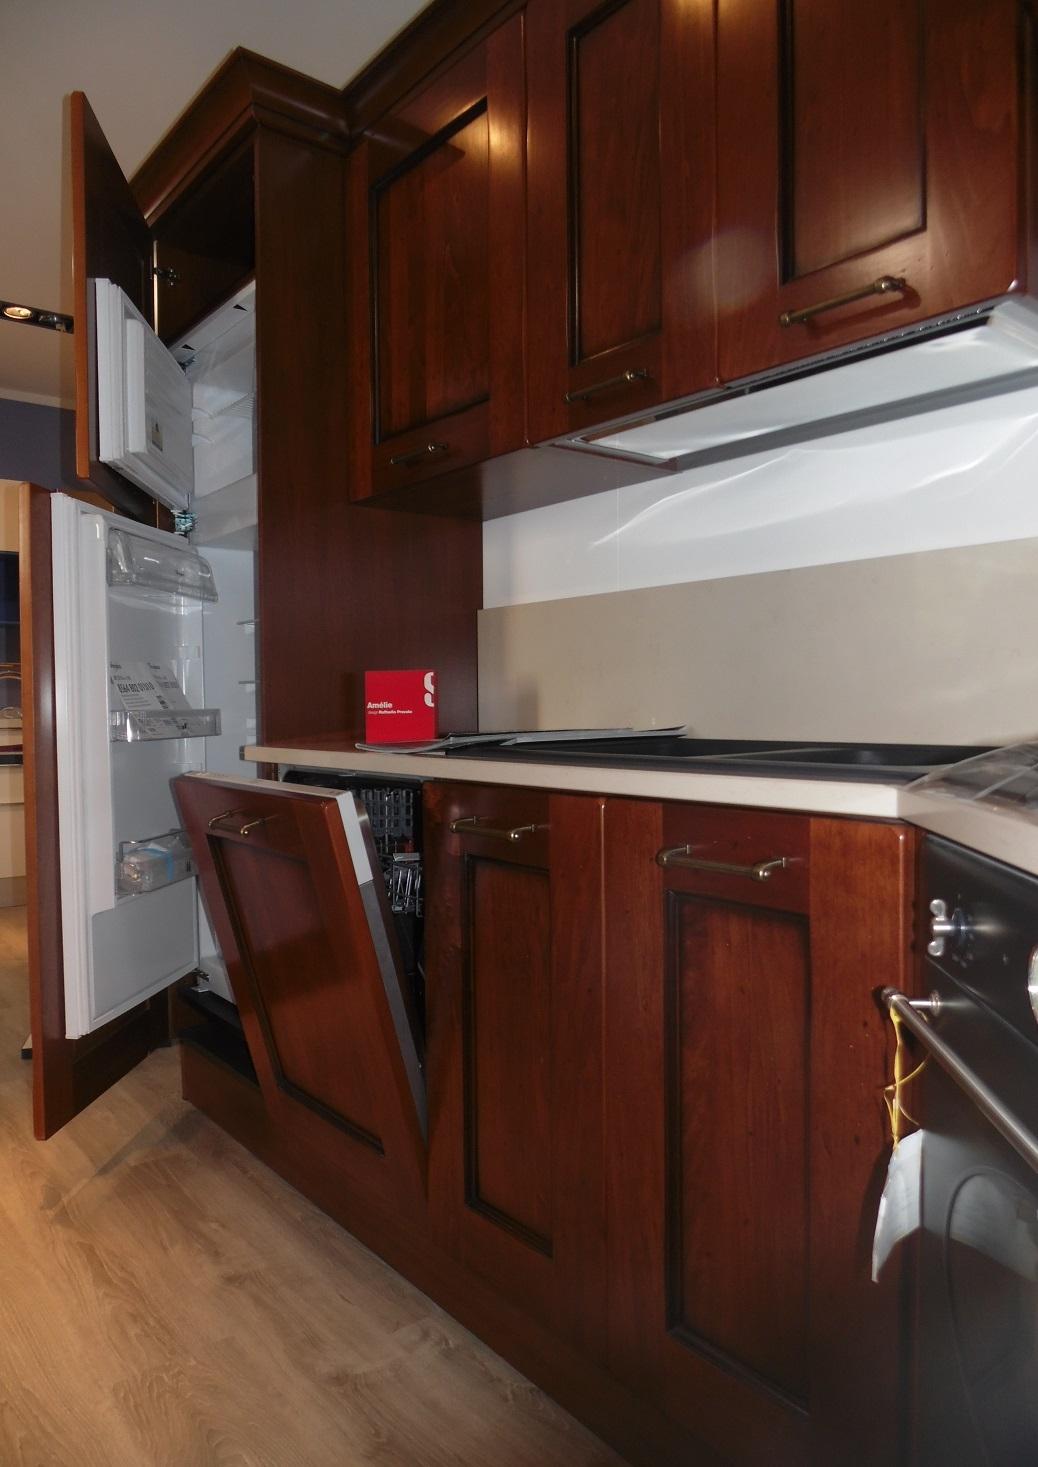 Cucine ad angolo scavolini cucina ad angolo scavolini modello esprit scontata del cucina ad - Cucine con fuochi ad angolo ...